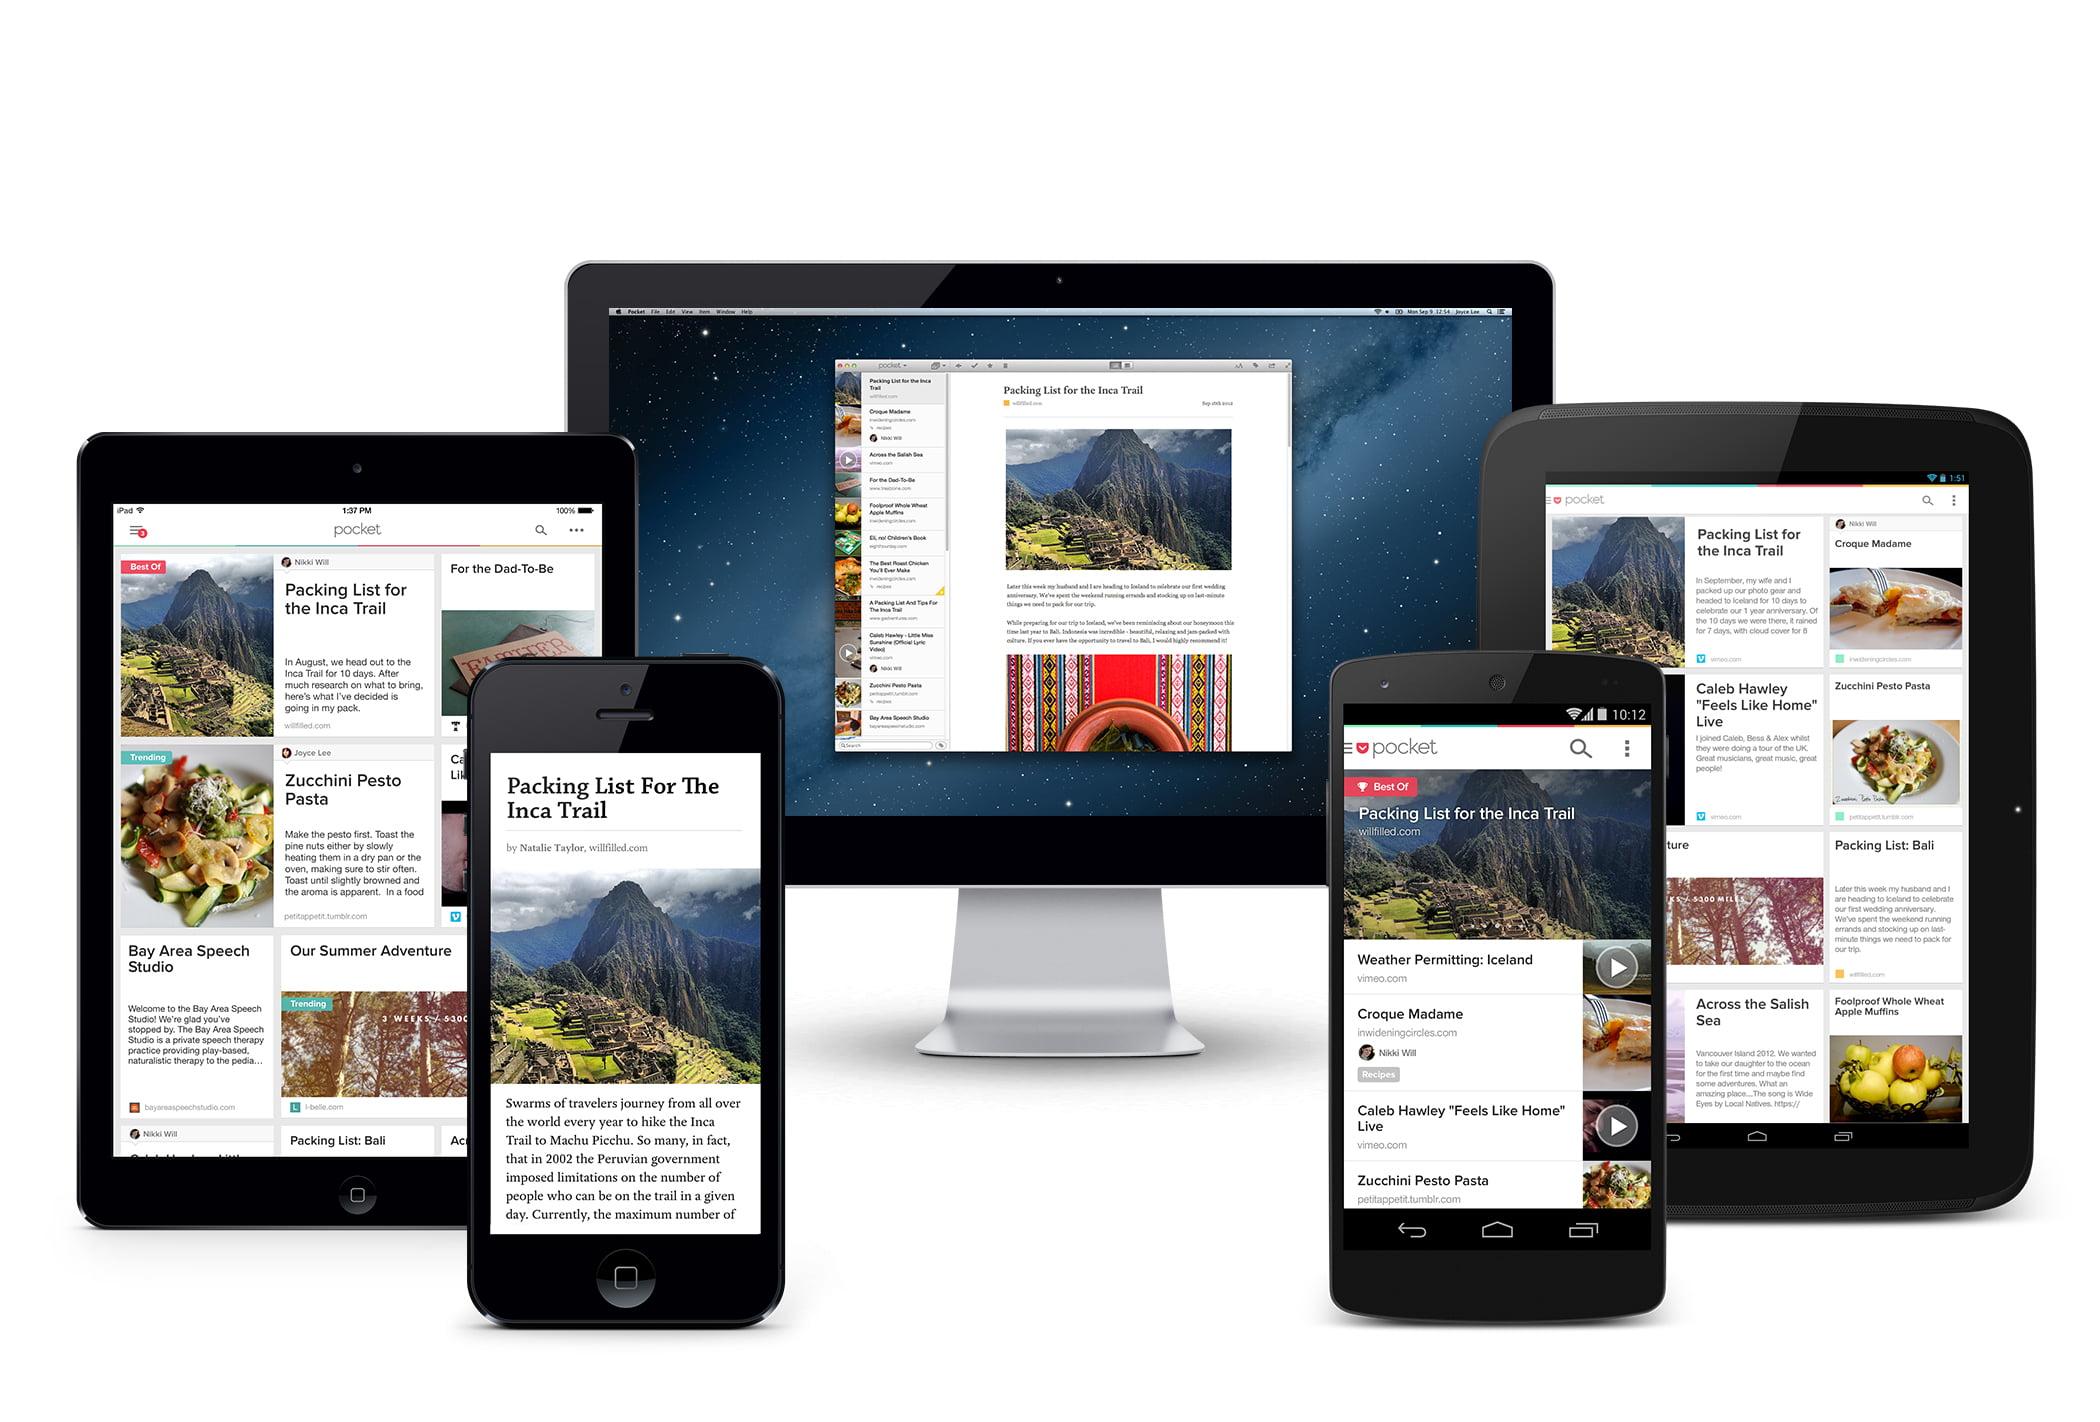 Curation de contenus : Interface Pocket pour sauvegarder des articles